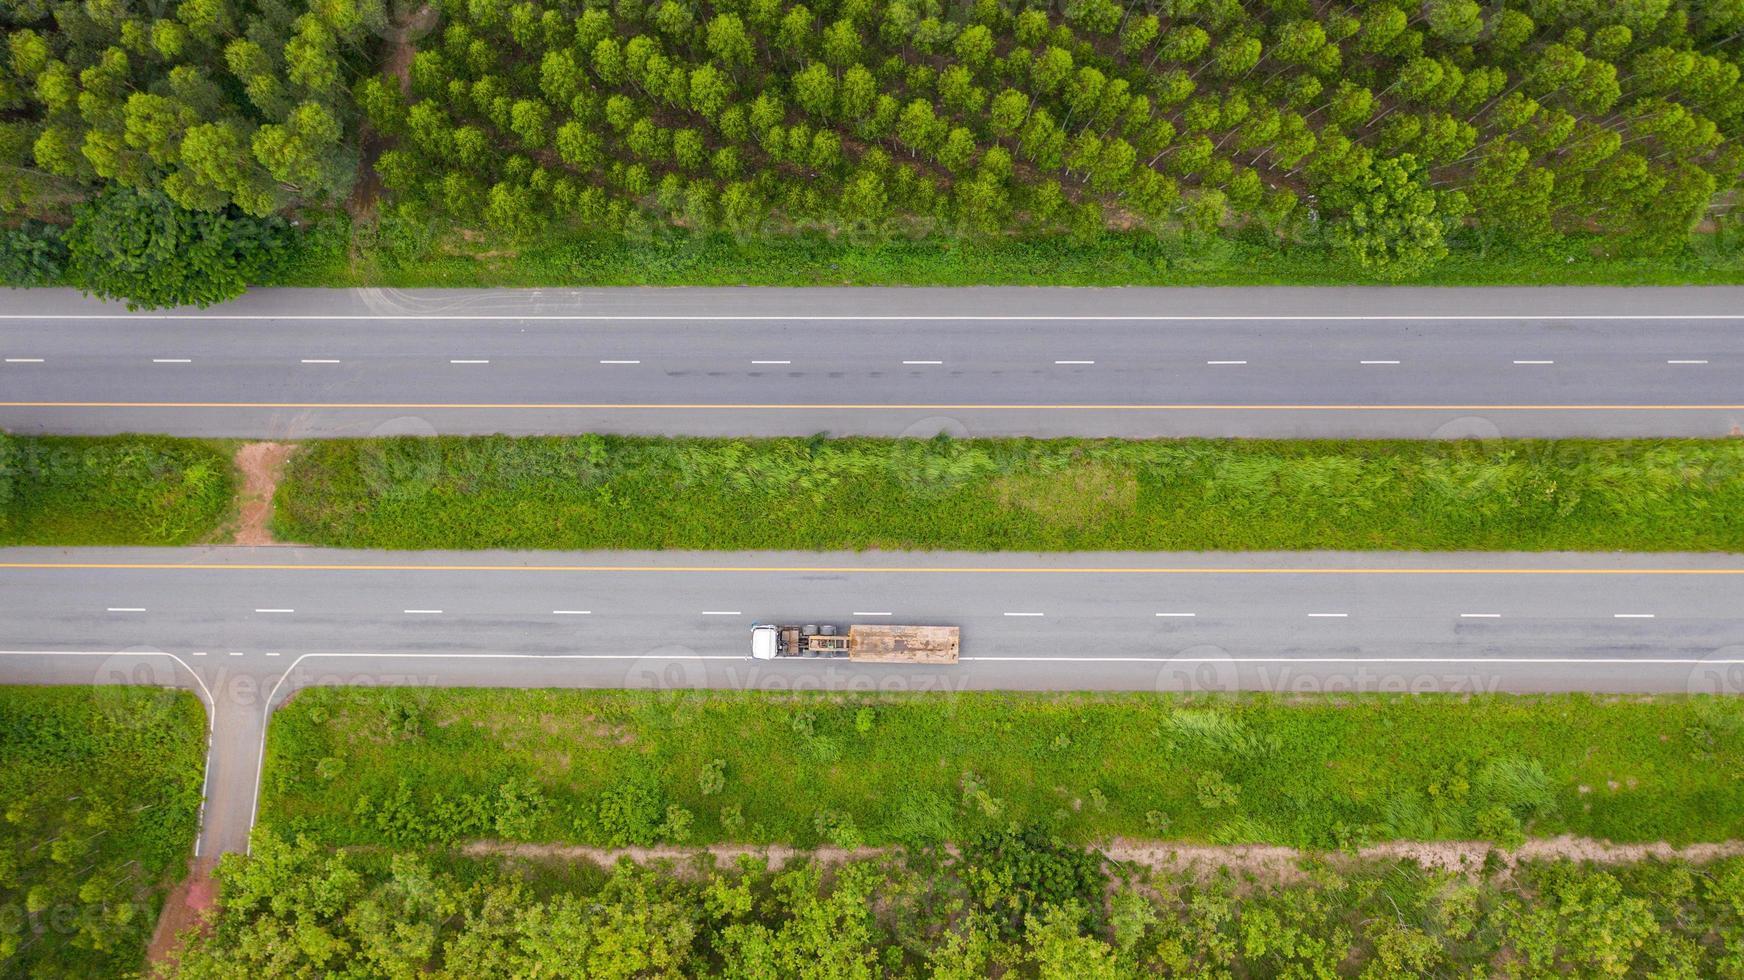 vue aérienne d'une route photo